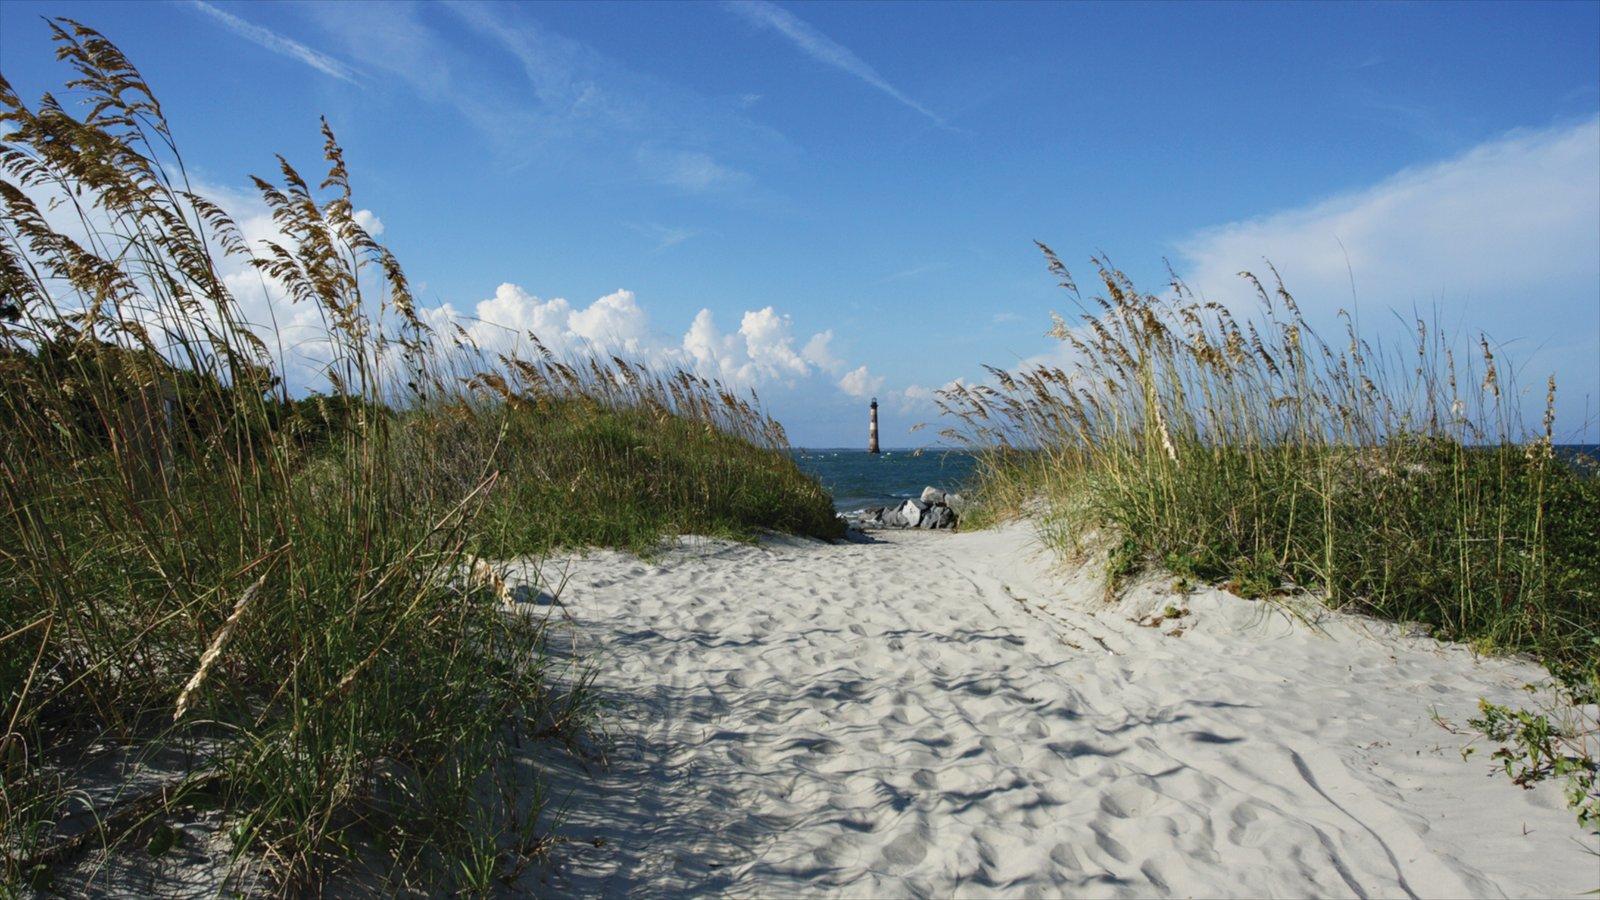 Folly Beach que inclui uma praia de areia e paisagens litorâneas